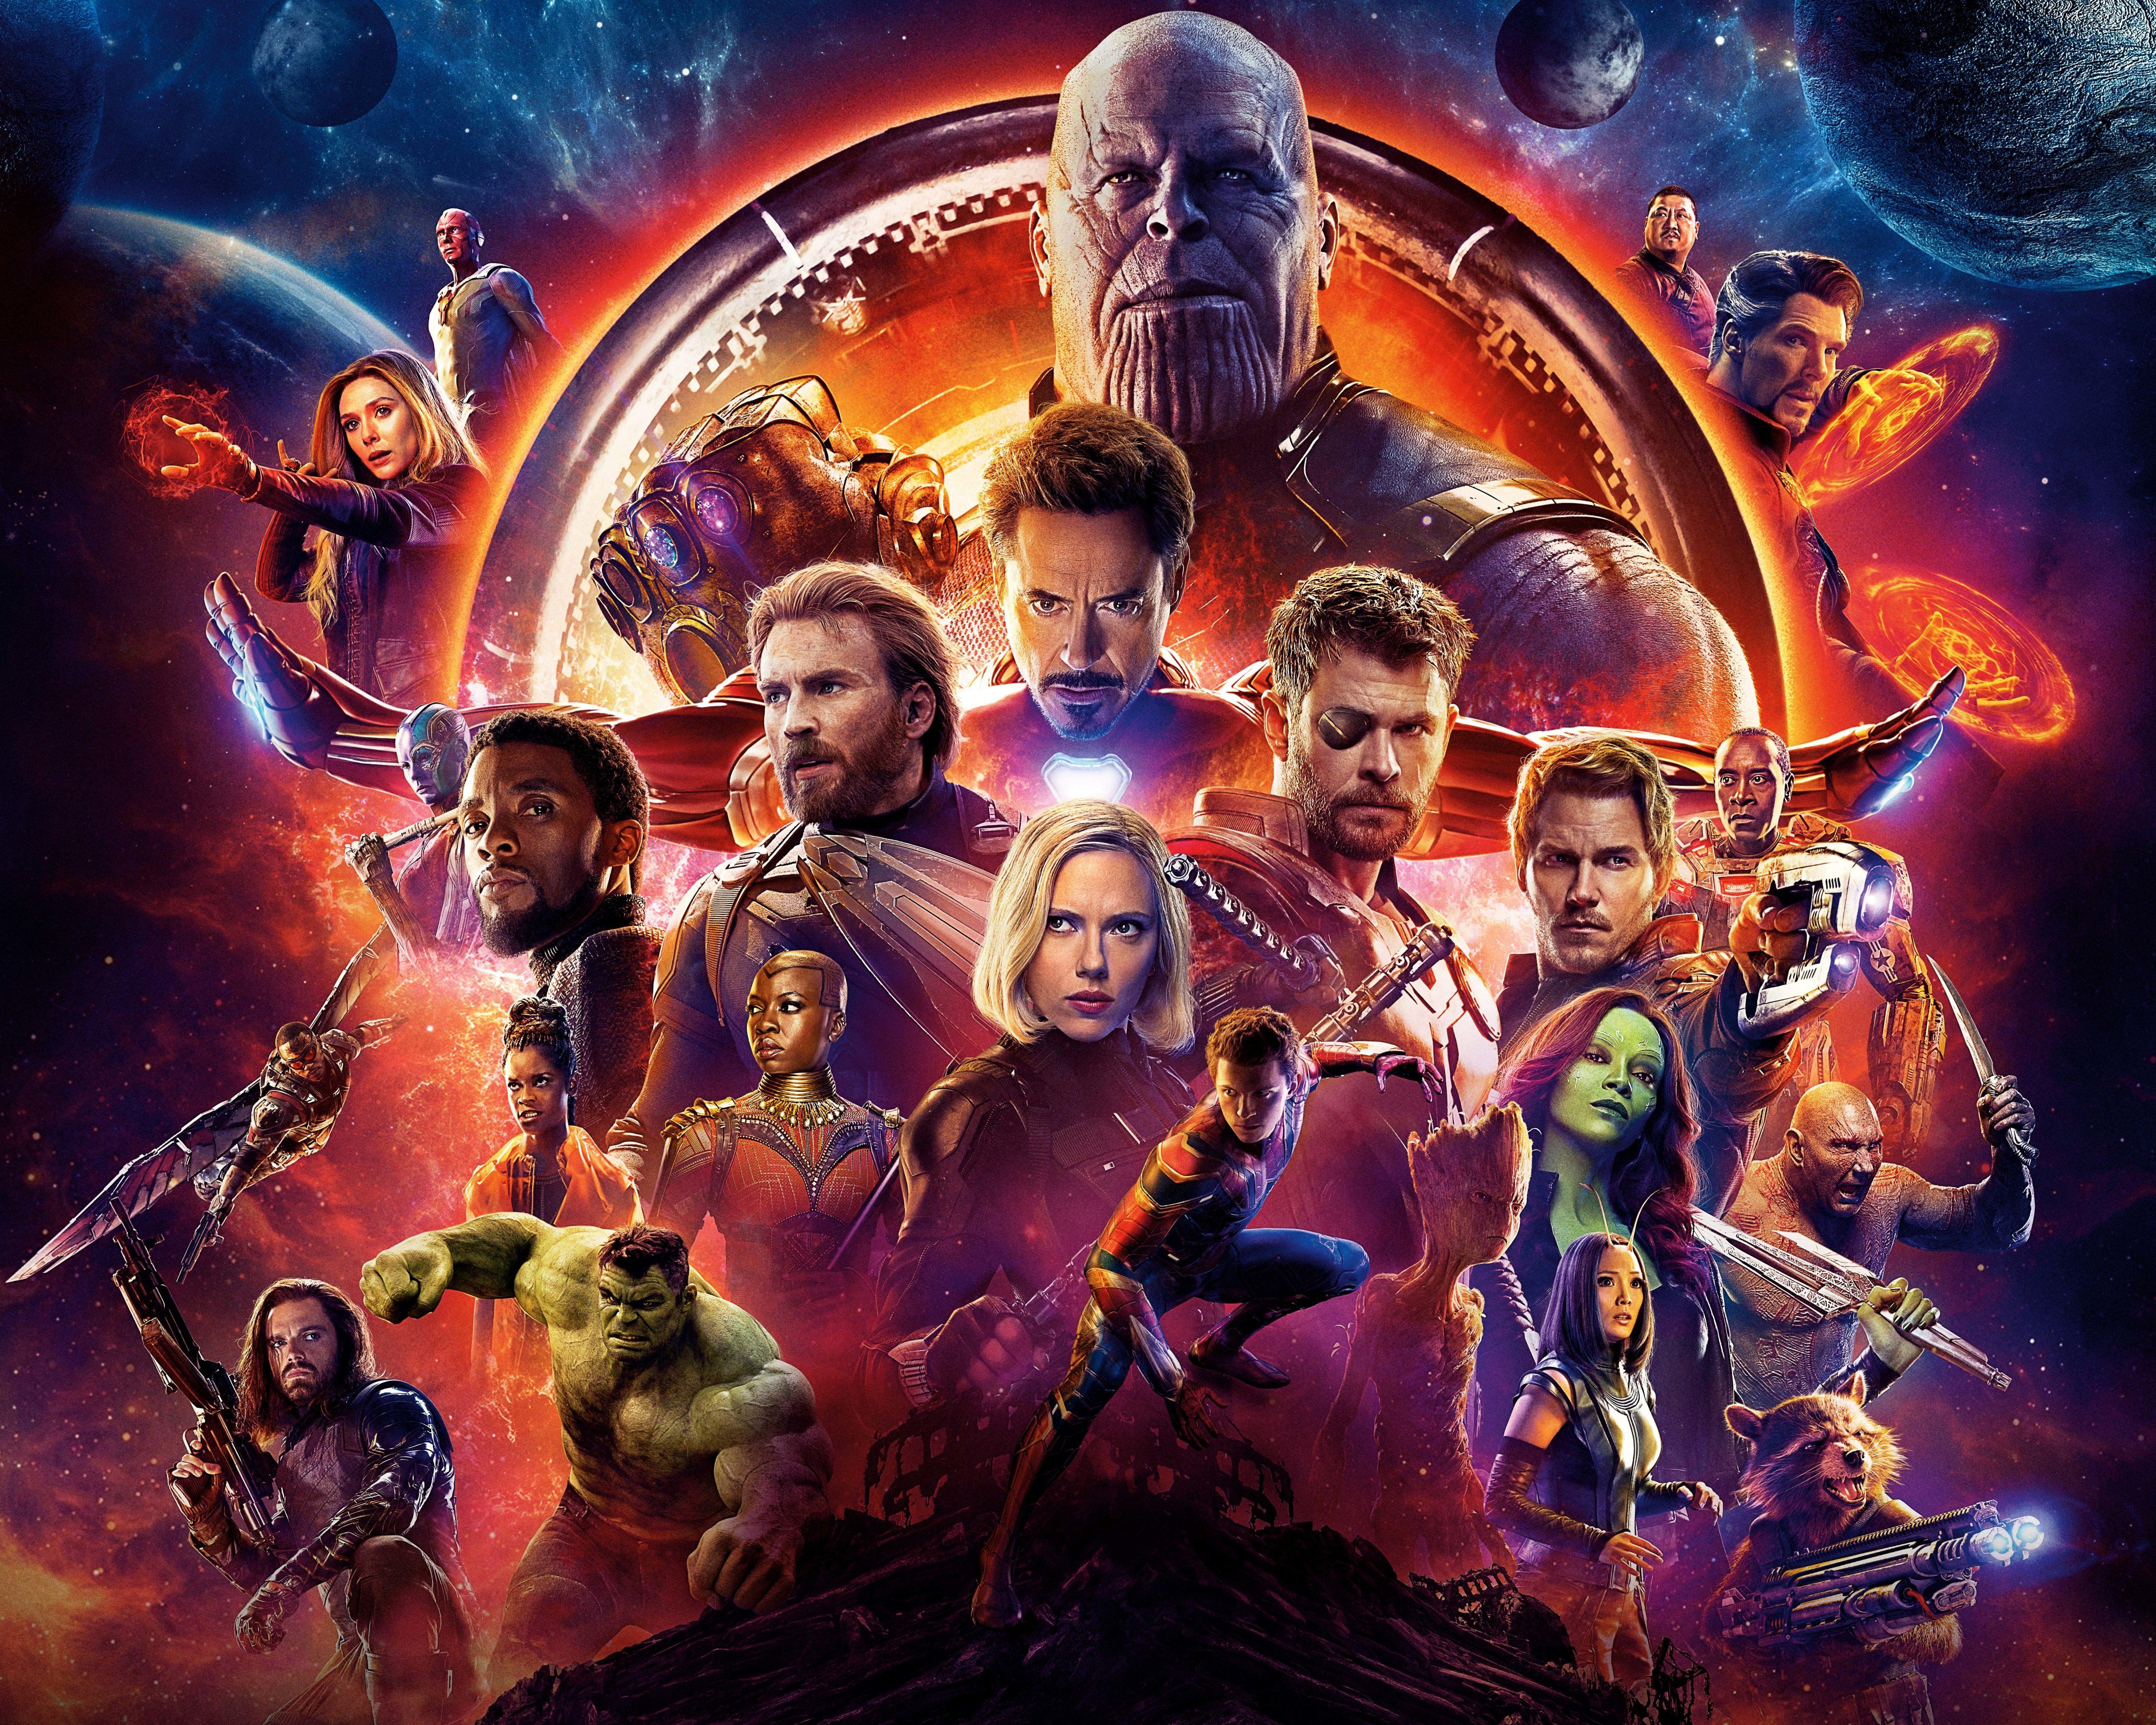 Avengers Infinity War 2018 Thanos 4k Uhd 3 2 3840x2560: Avengers: Infinity War (2018) 8K UHD Wallpaper